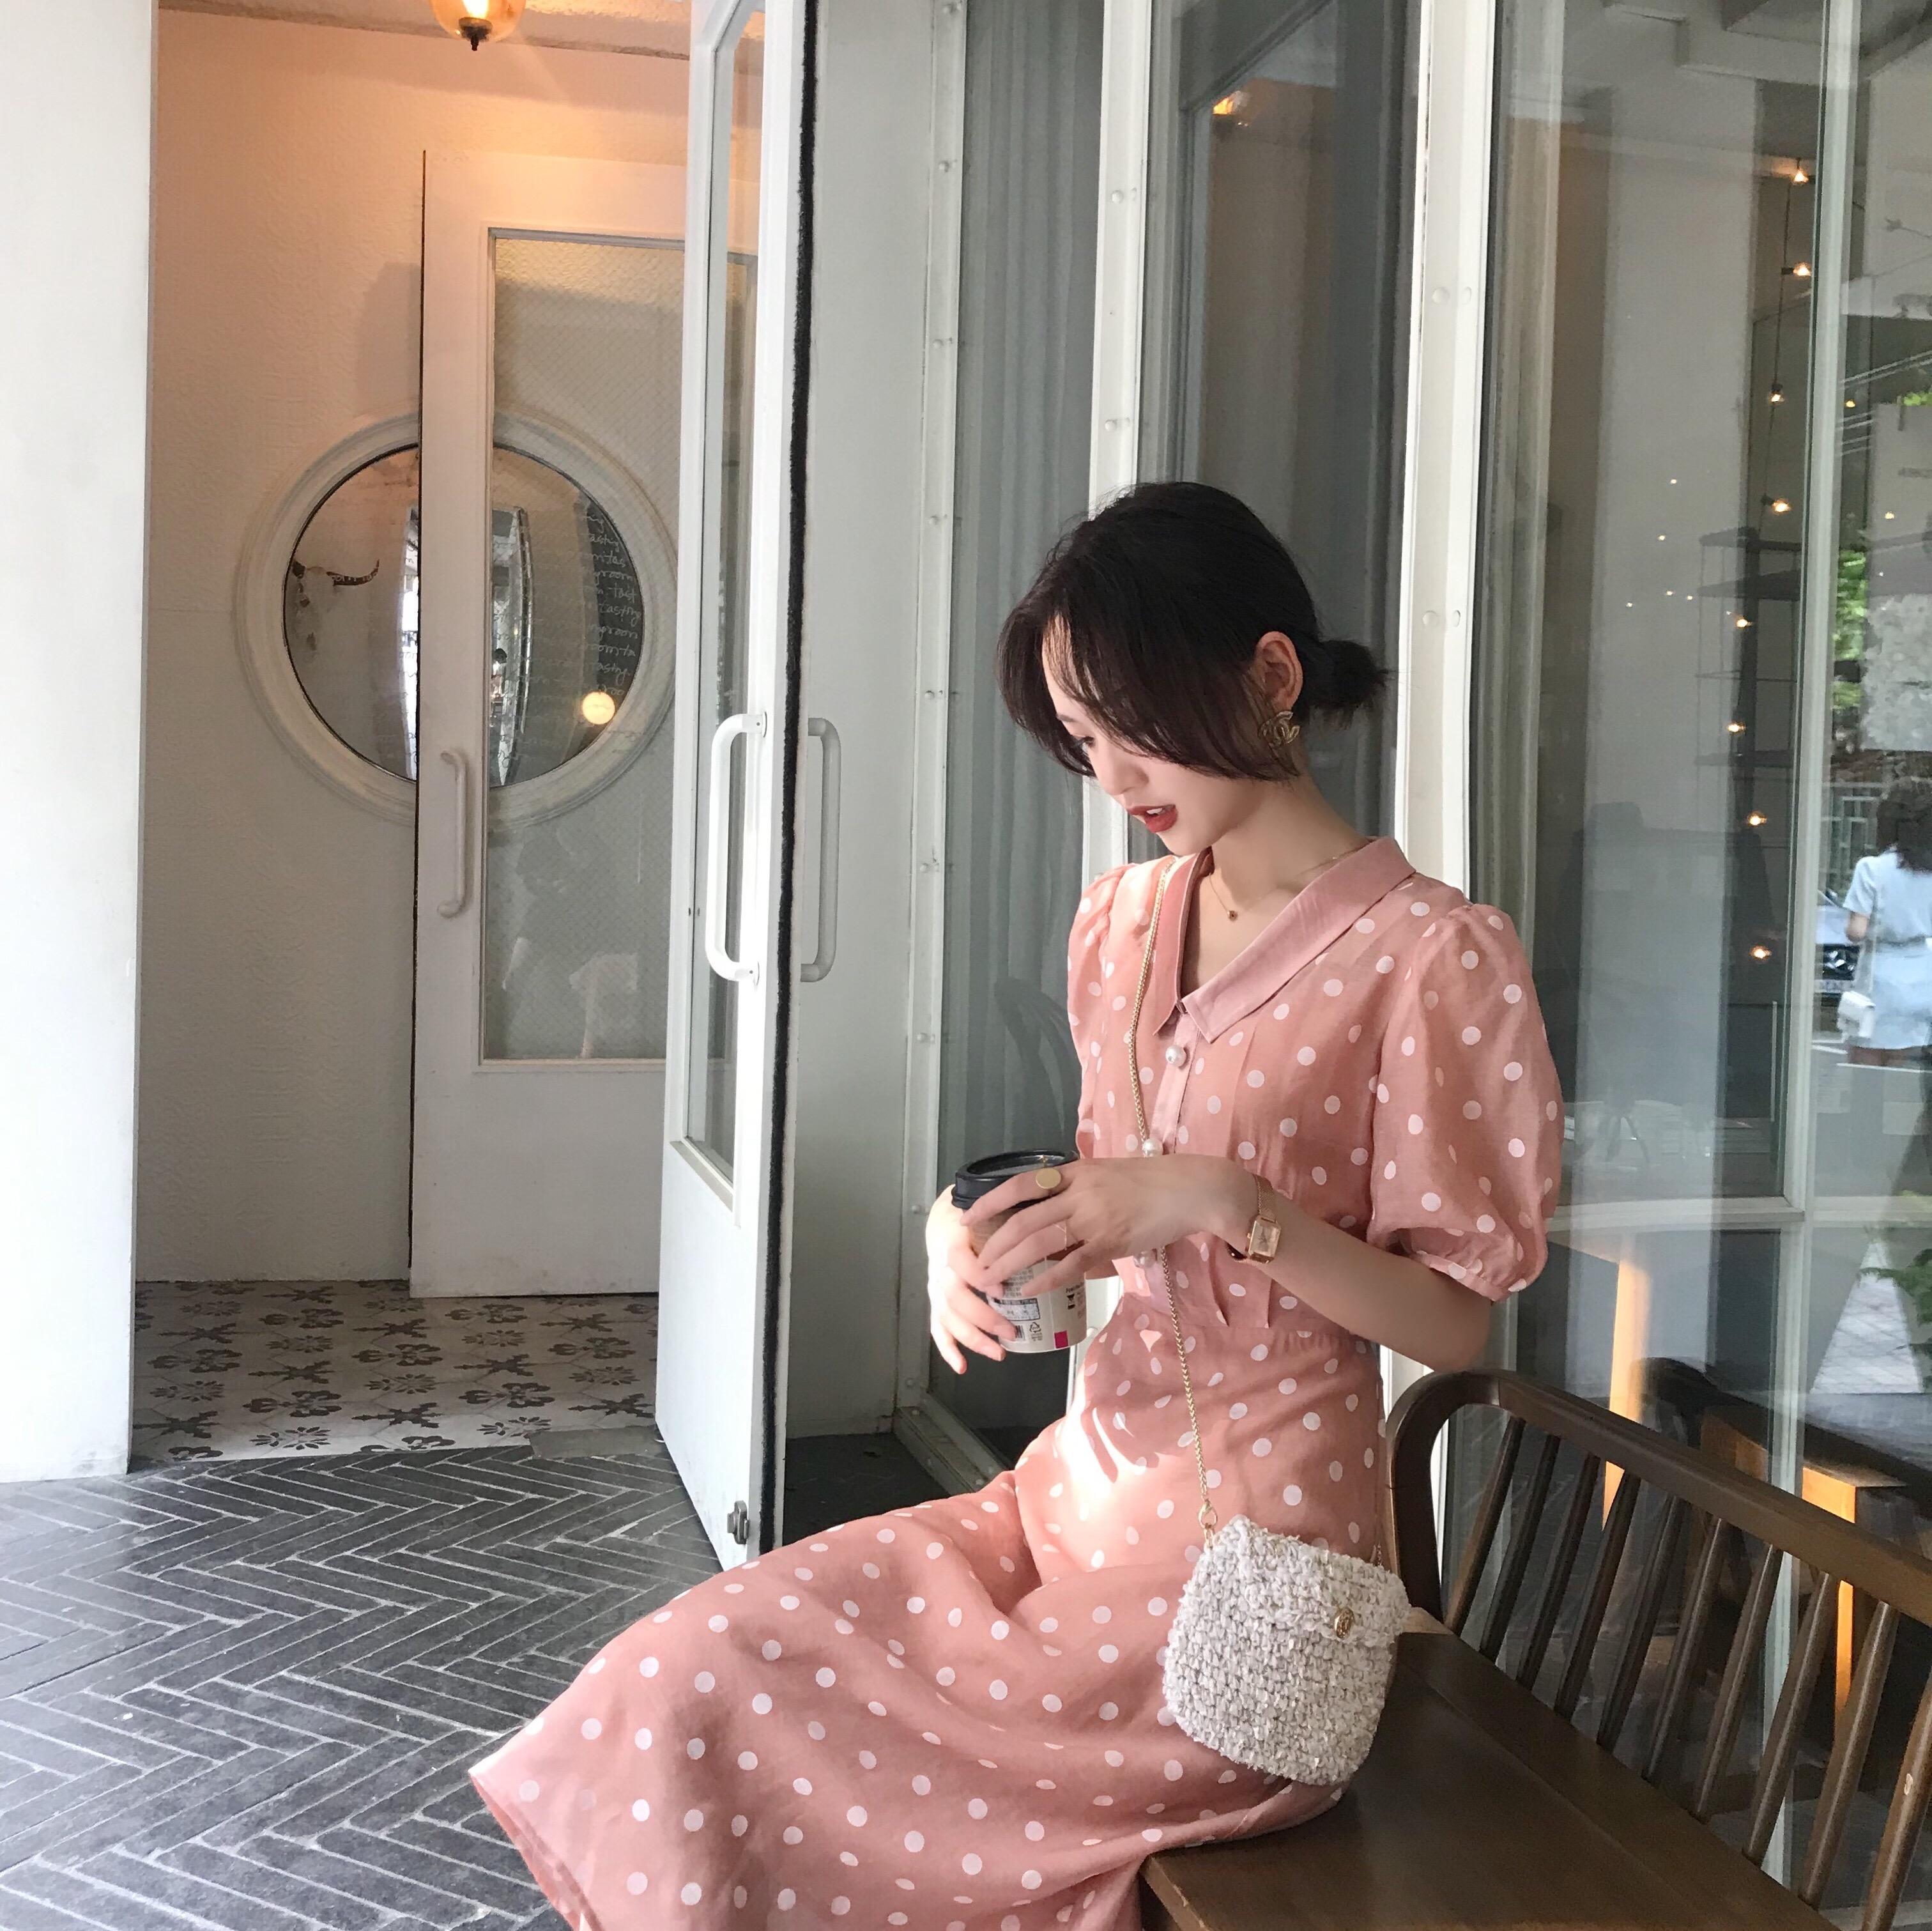 【七折】草莓波点连衣裙女2019夏新款气质中长款短袖长裙短裙L381